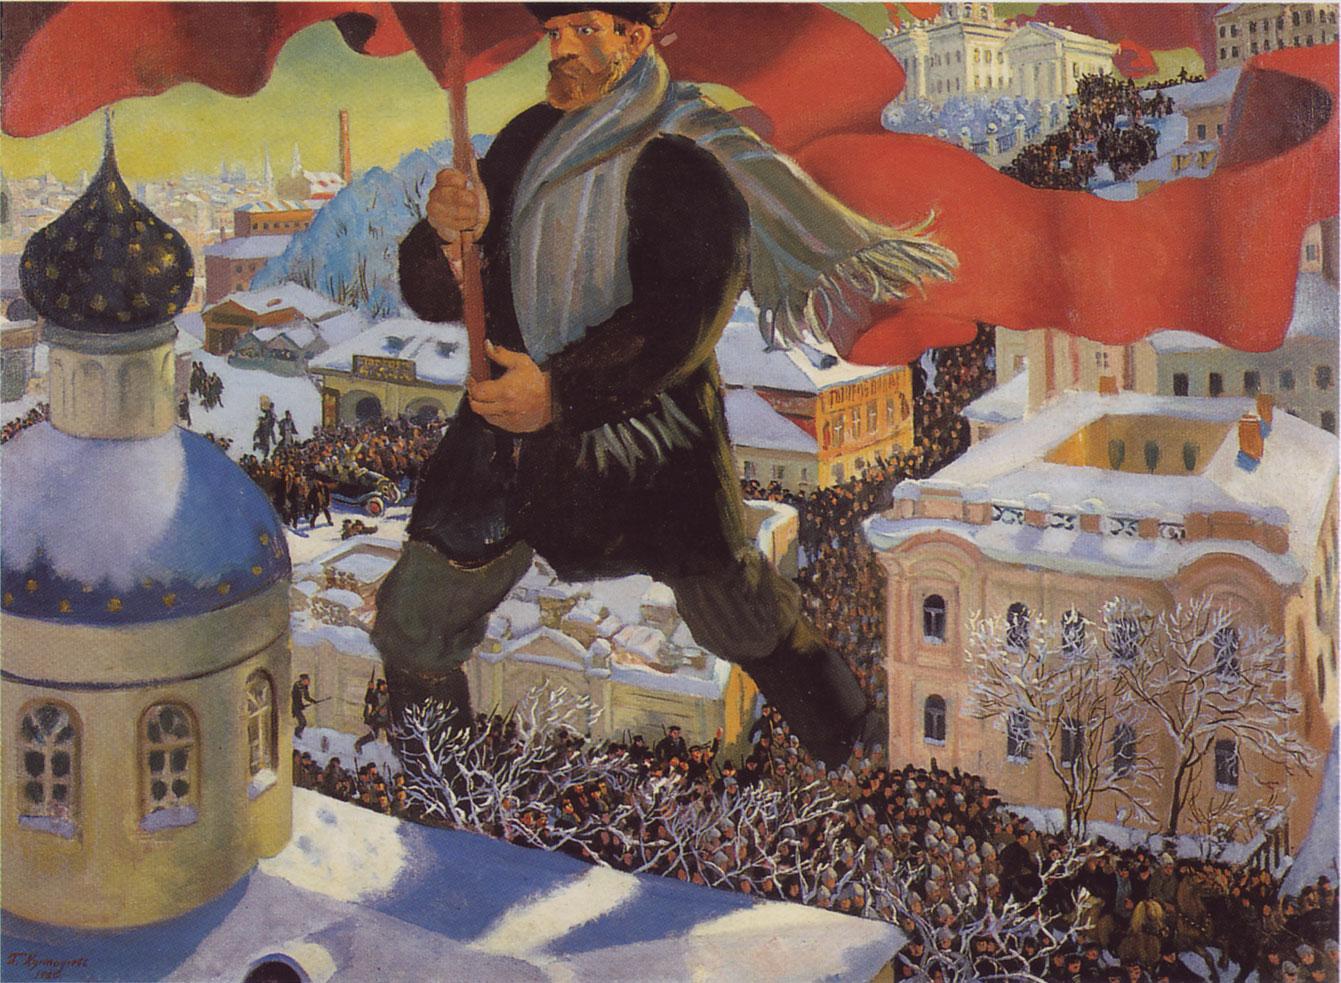 El bolchevique, Boris Kustodiev